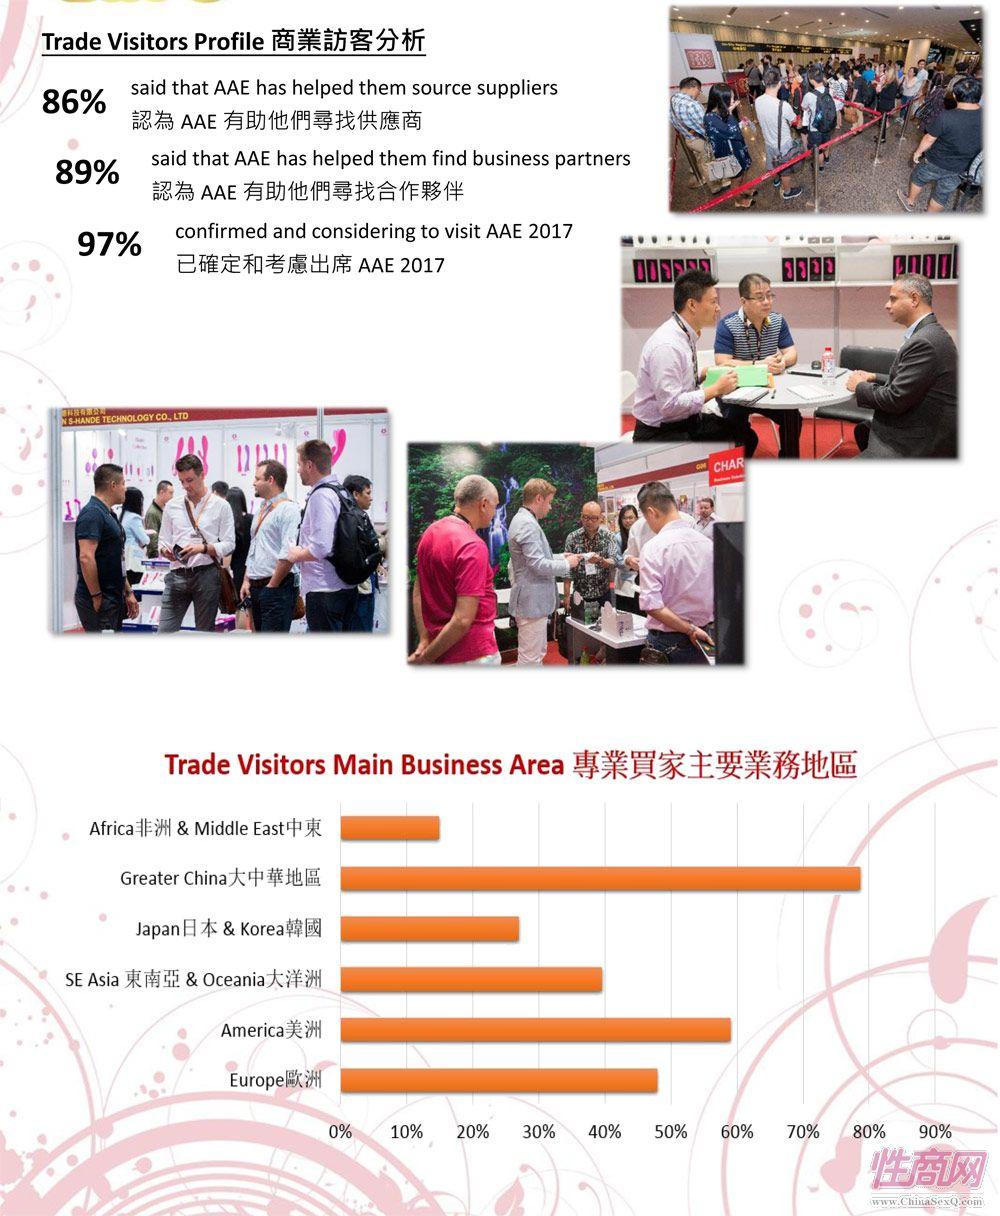 2016年亚洲成人博览AAE(香港)展后报道图片2